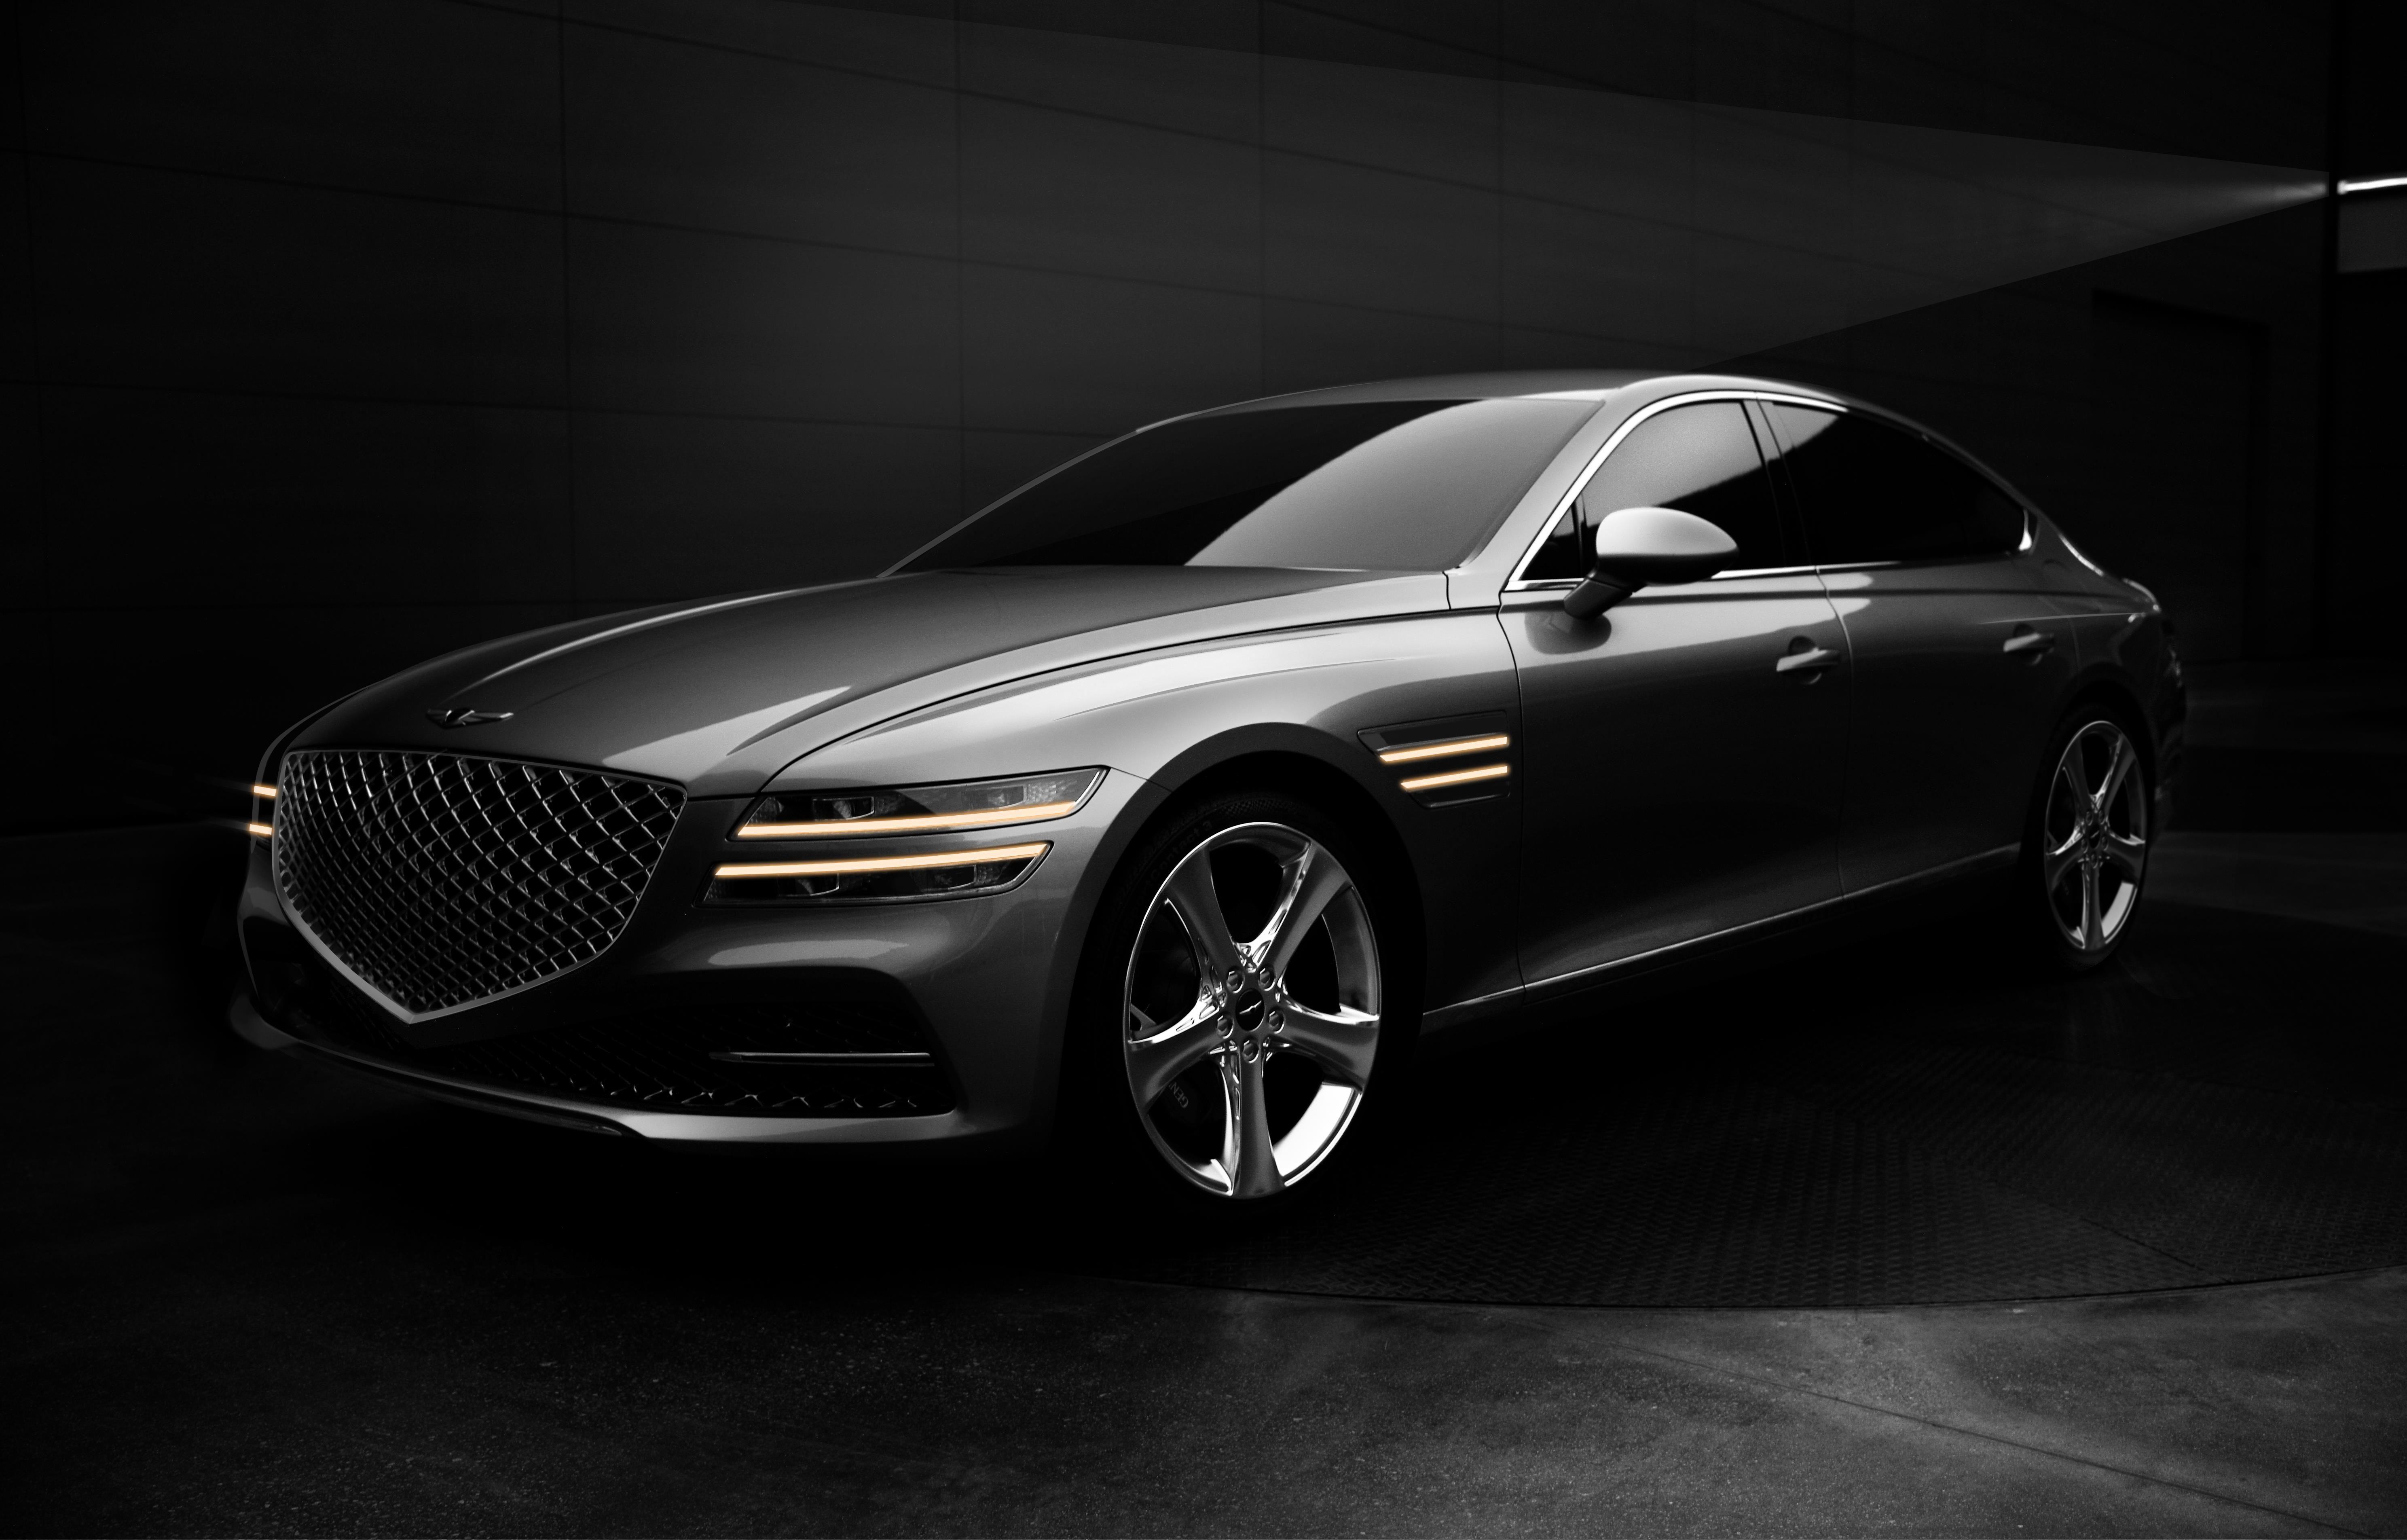 2021 Genesis G80 Is Long Lean And Elegant